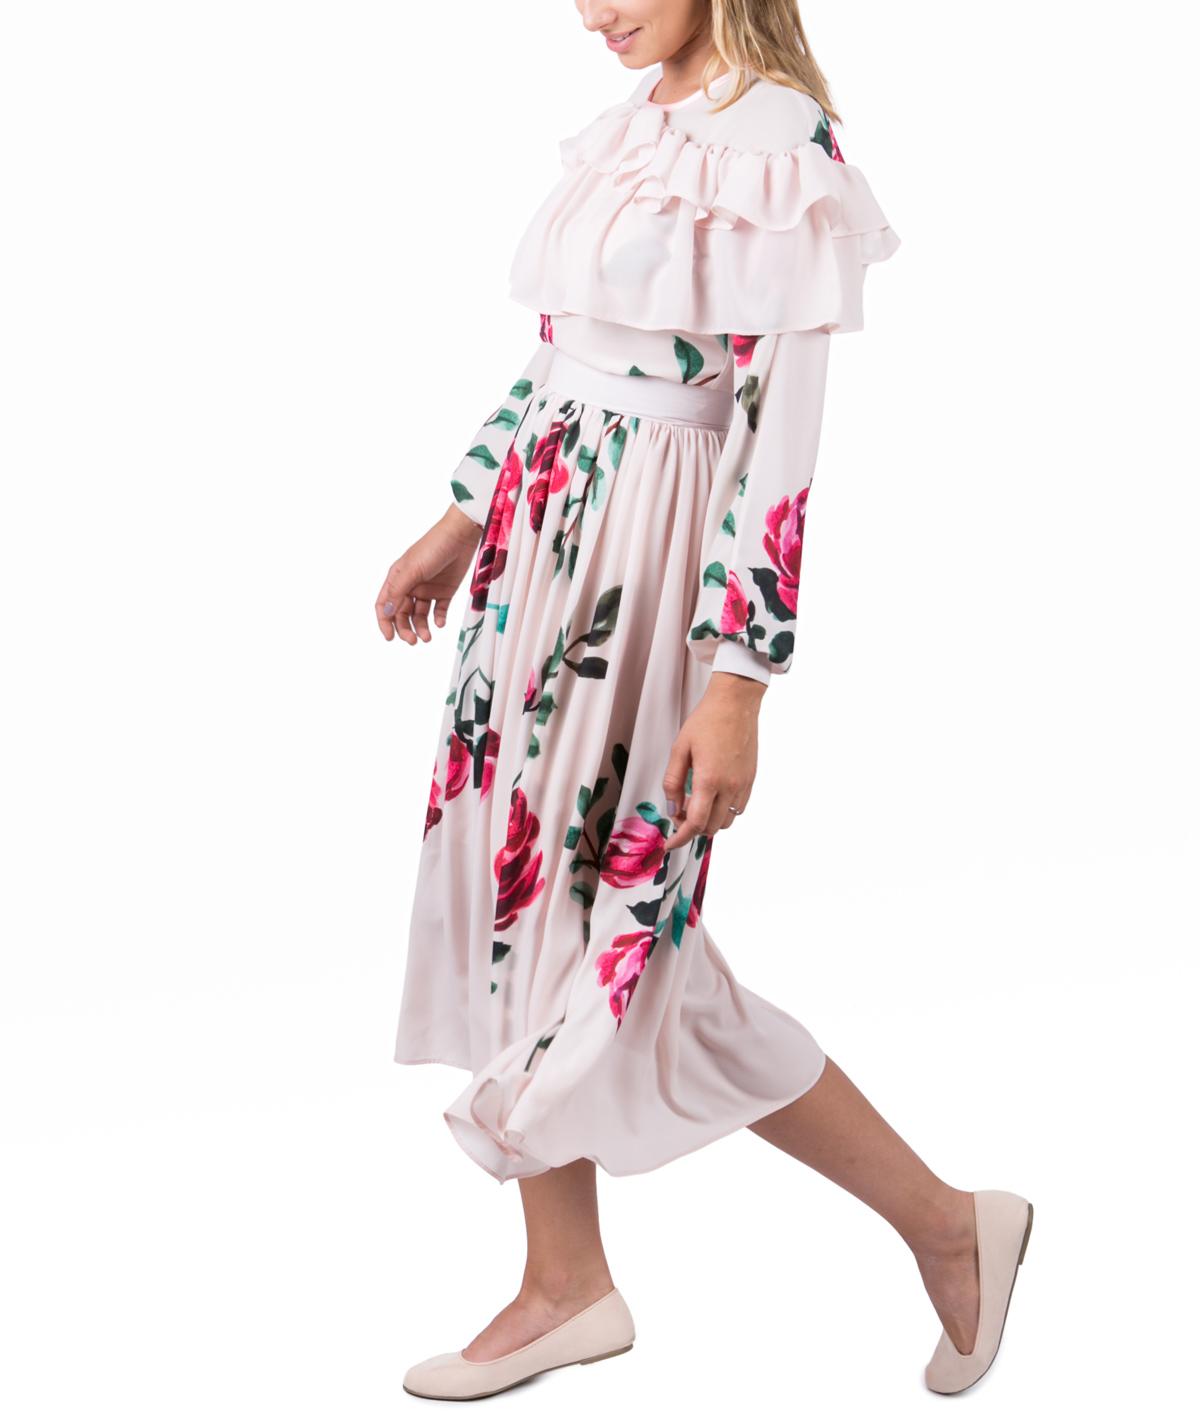 e6ba3fa8d30 Veil Rose Midi Cocktail Dress